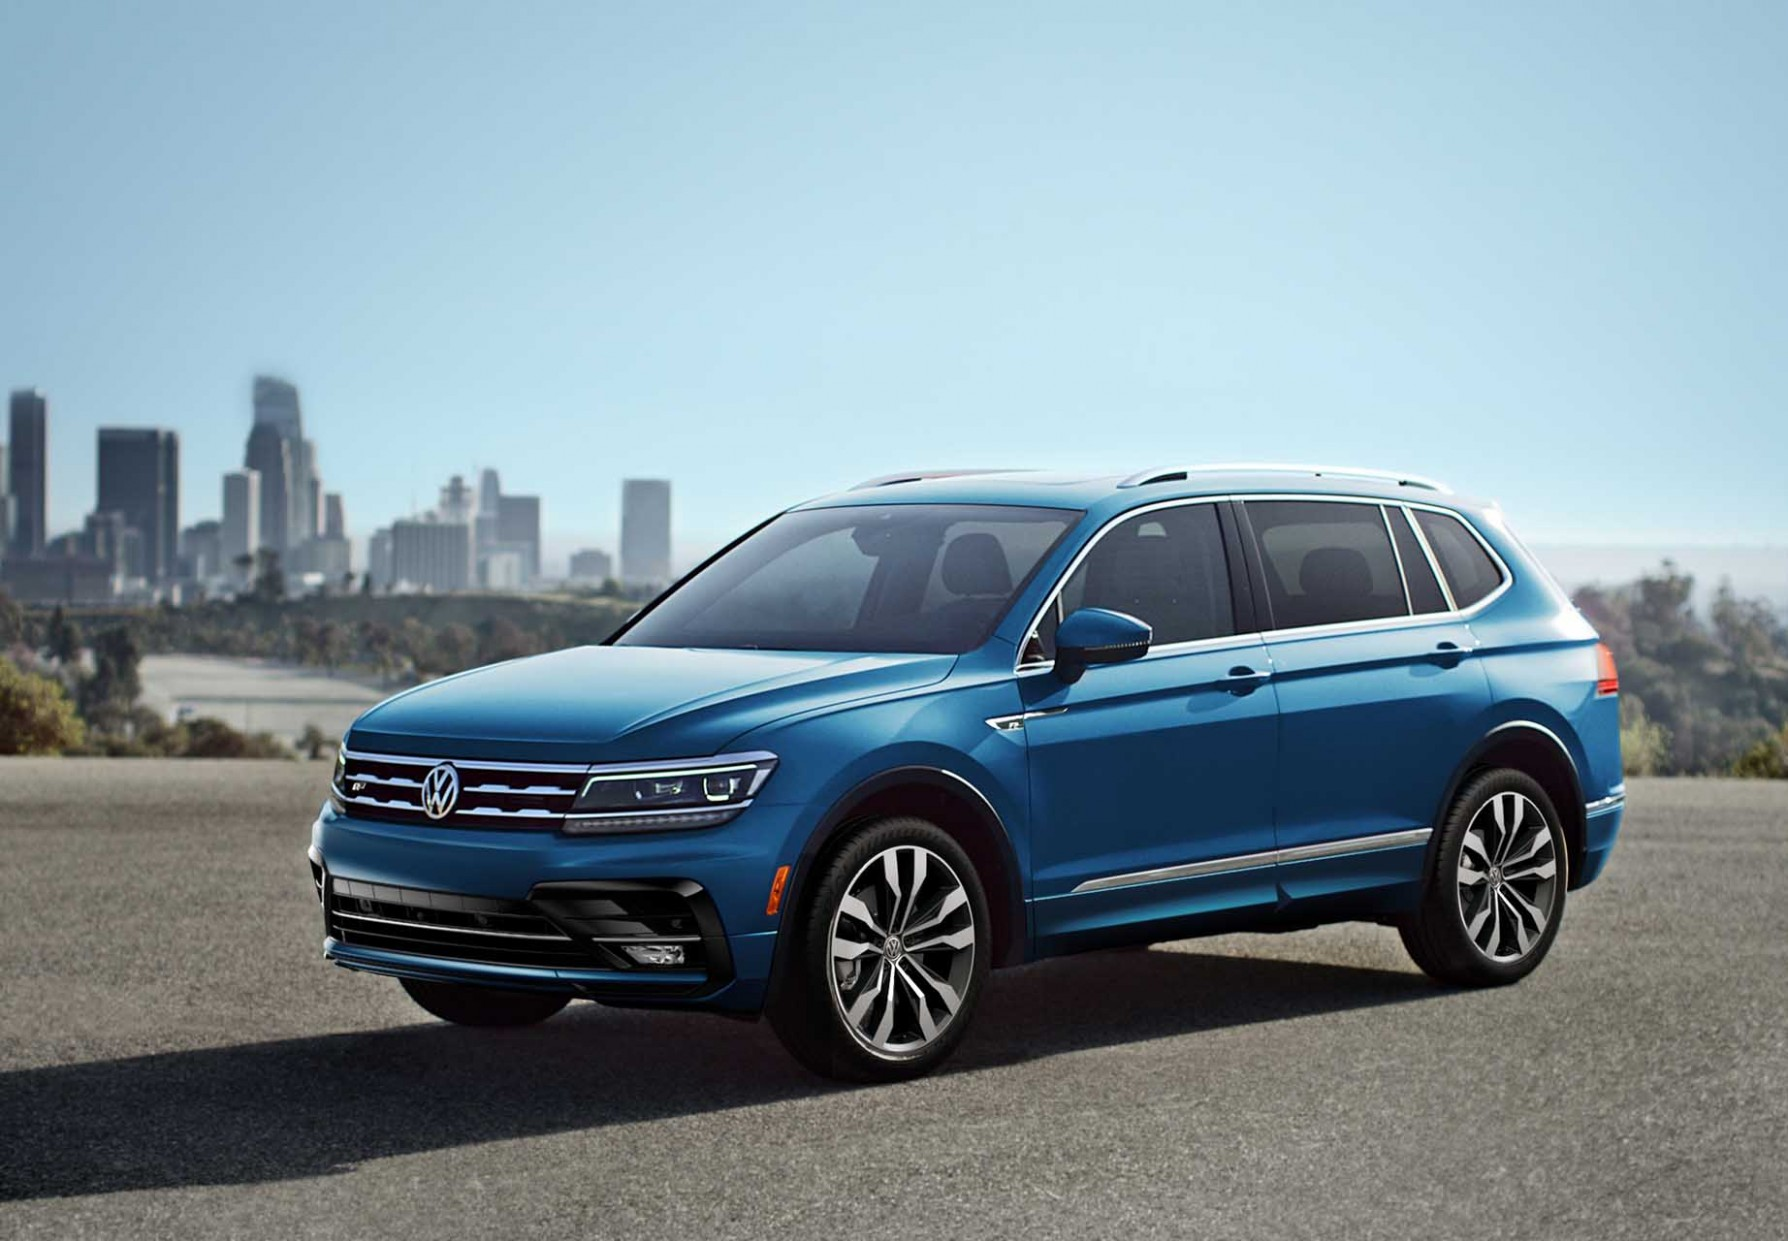 5 Volkswagen Tiguan (VW) Review, Ratings, Specs, Prices, and - Volkswagen Tiguan 2021